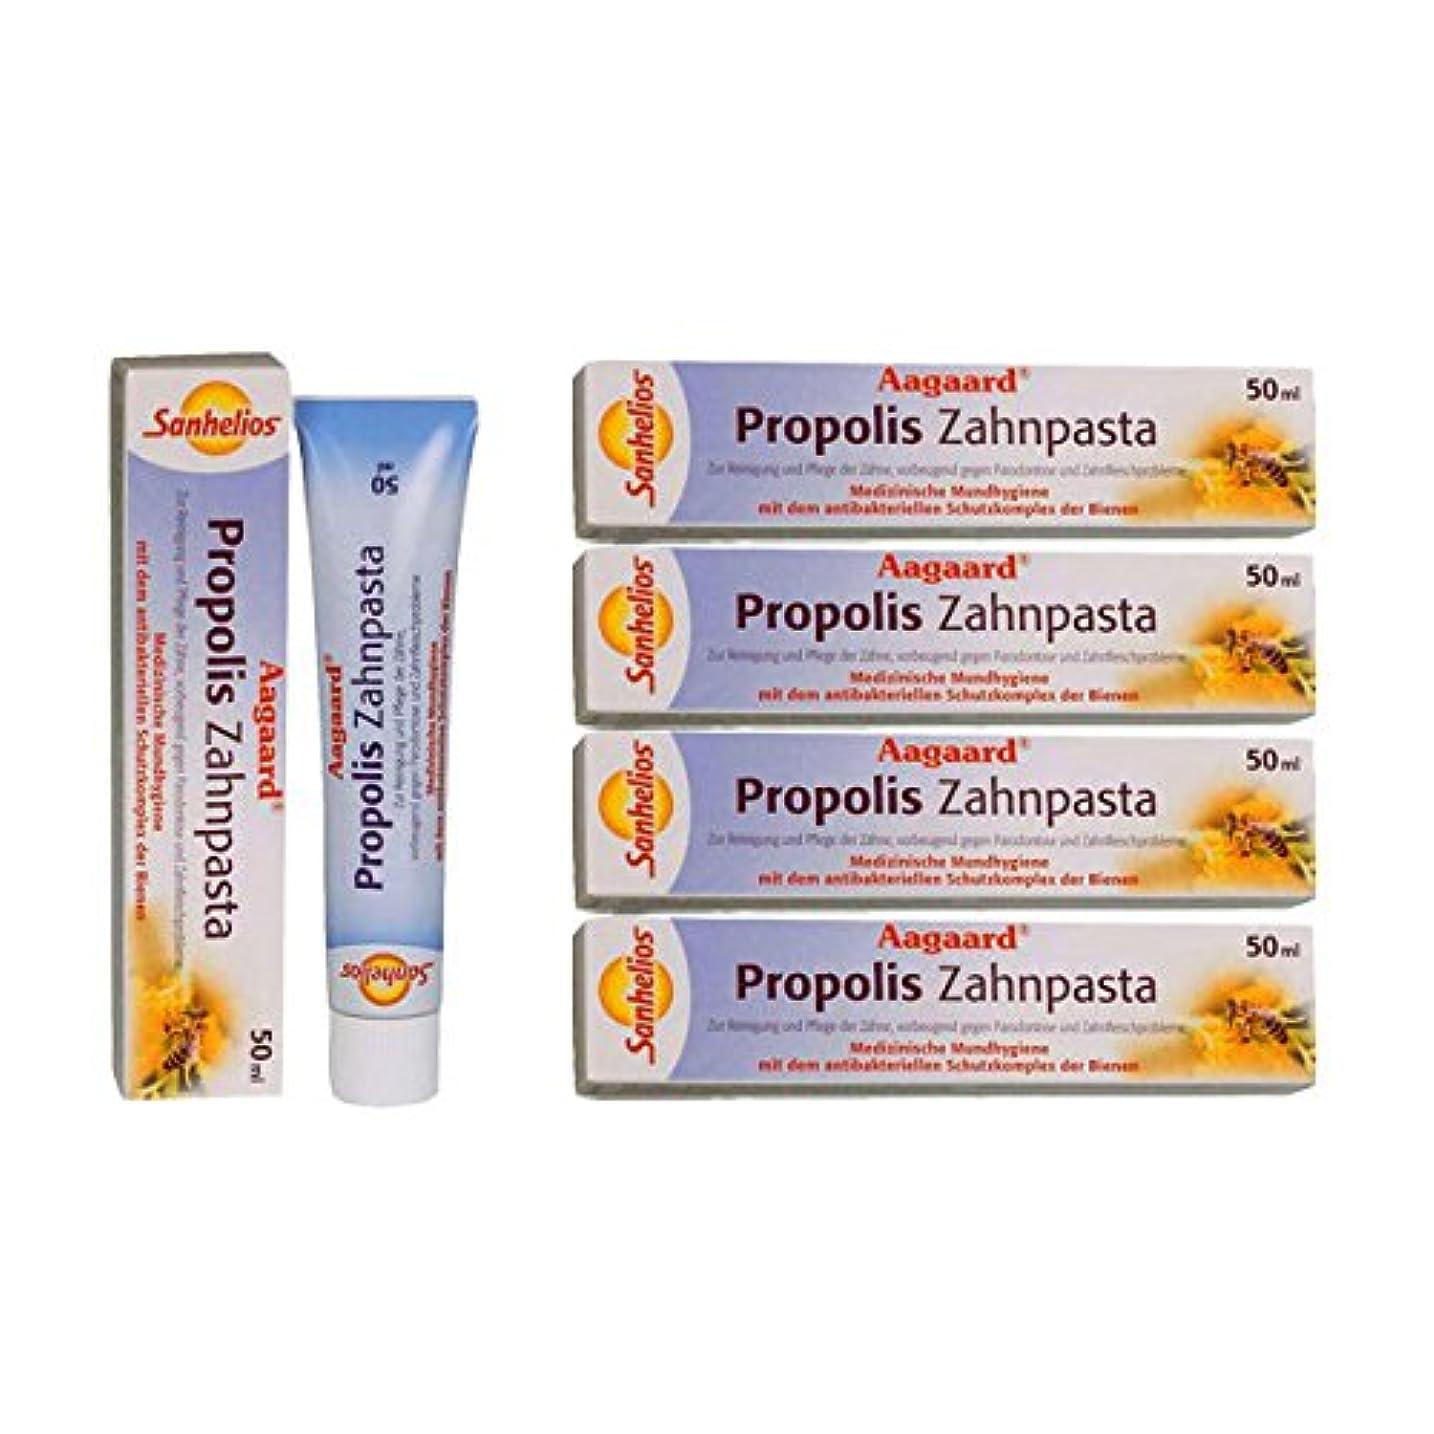 寄生虫スコアヘルパーアーガードプロポリス歯磨き 5個セット